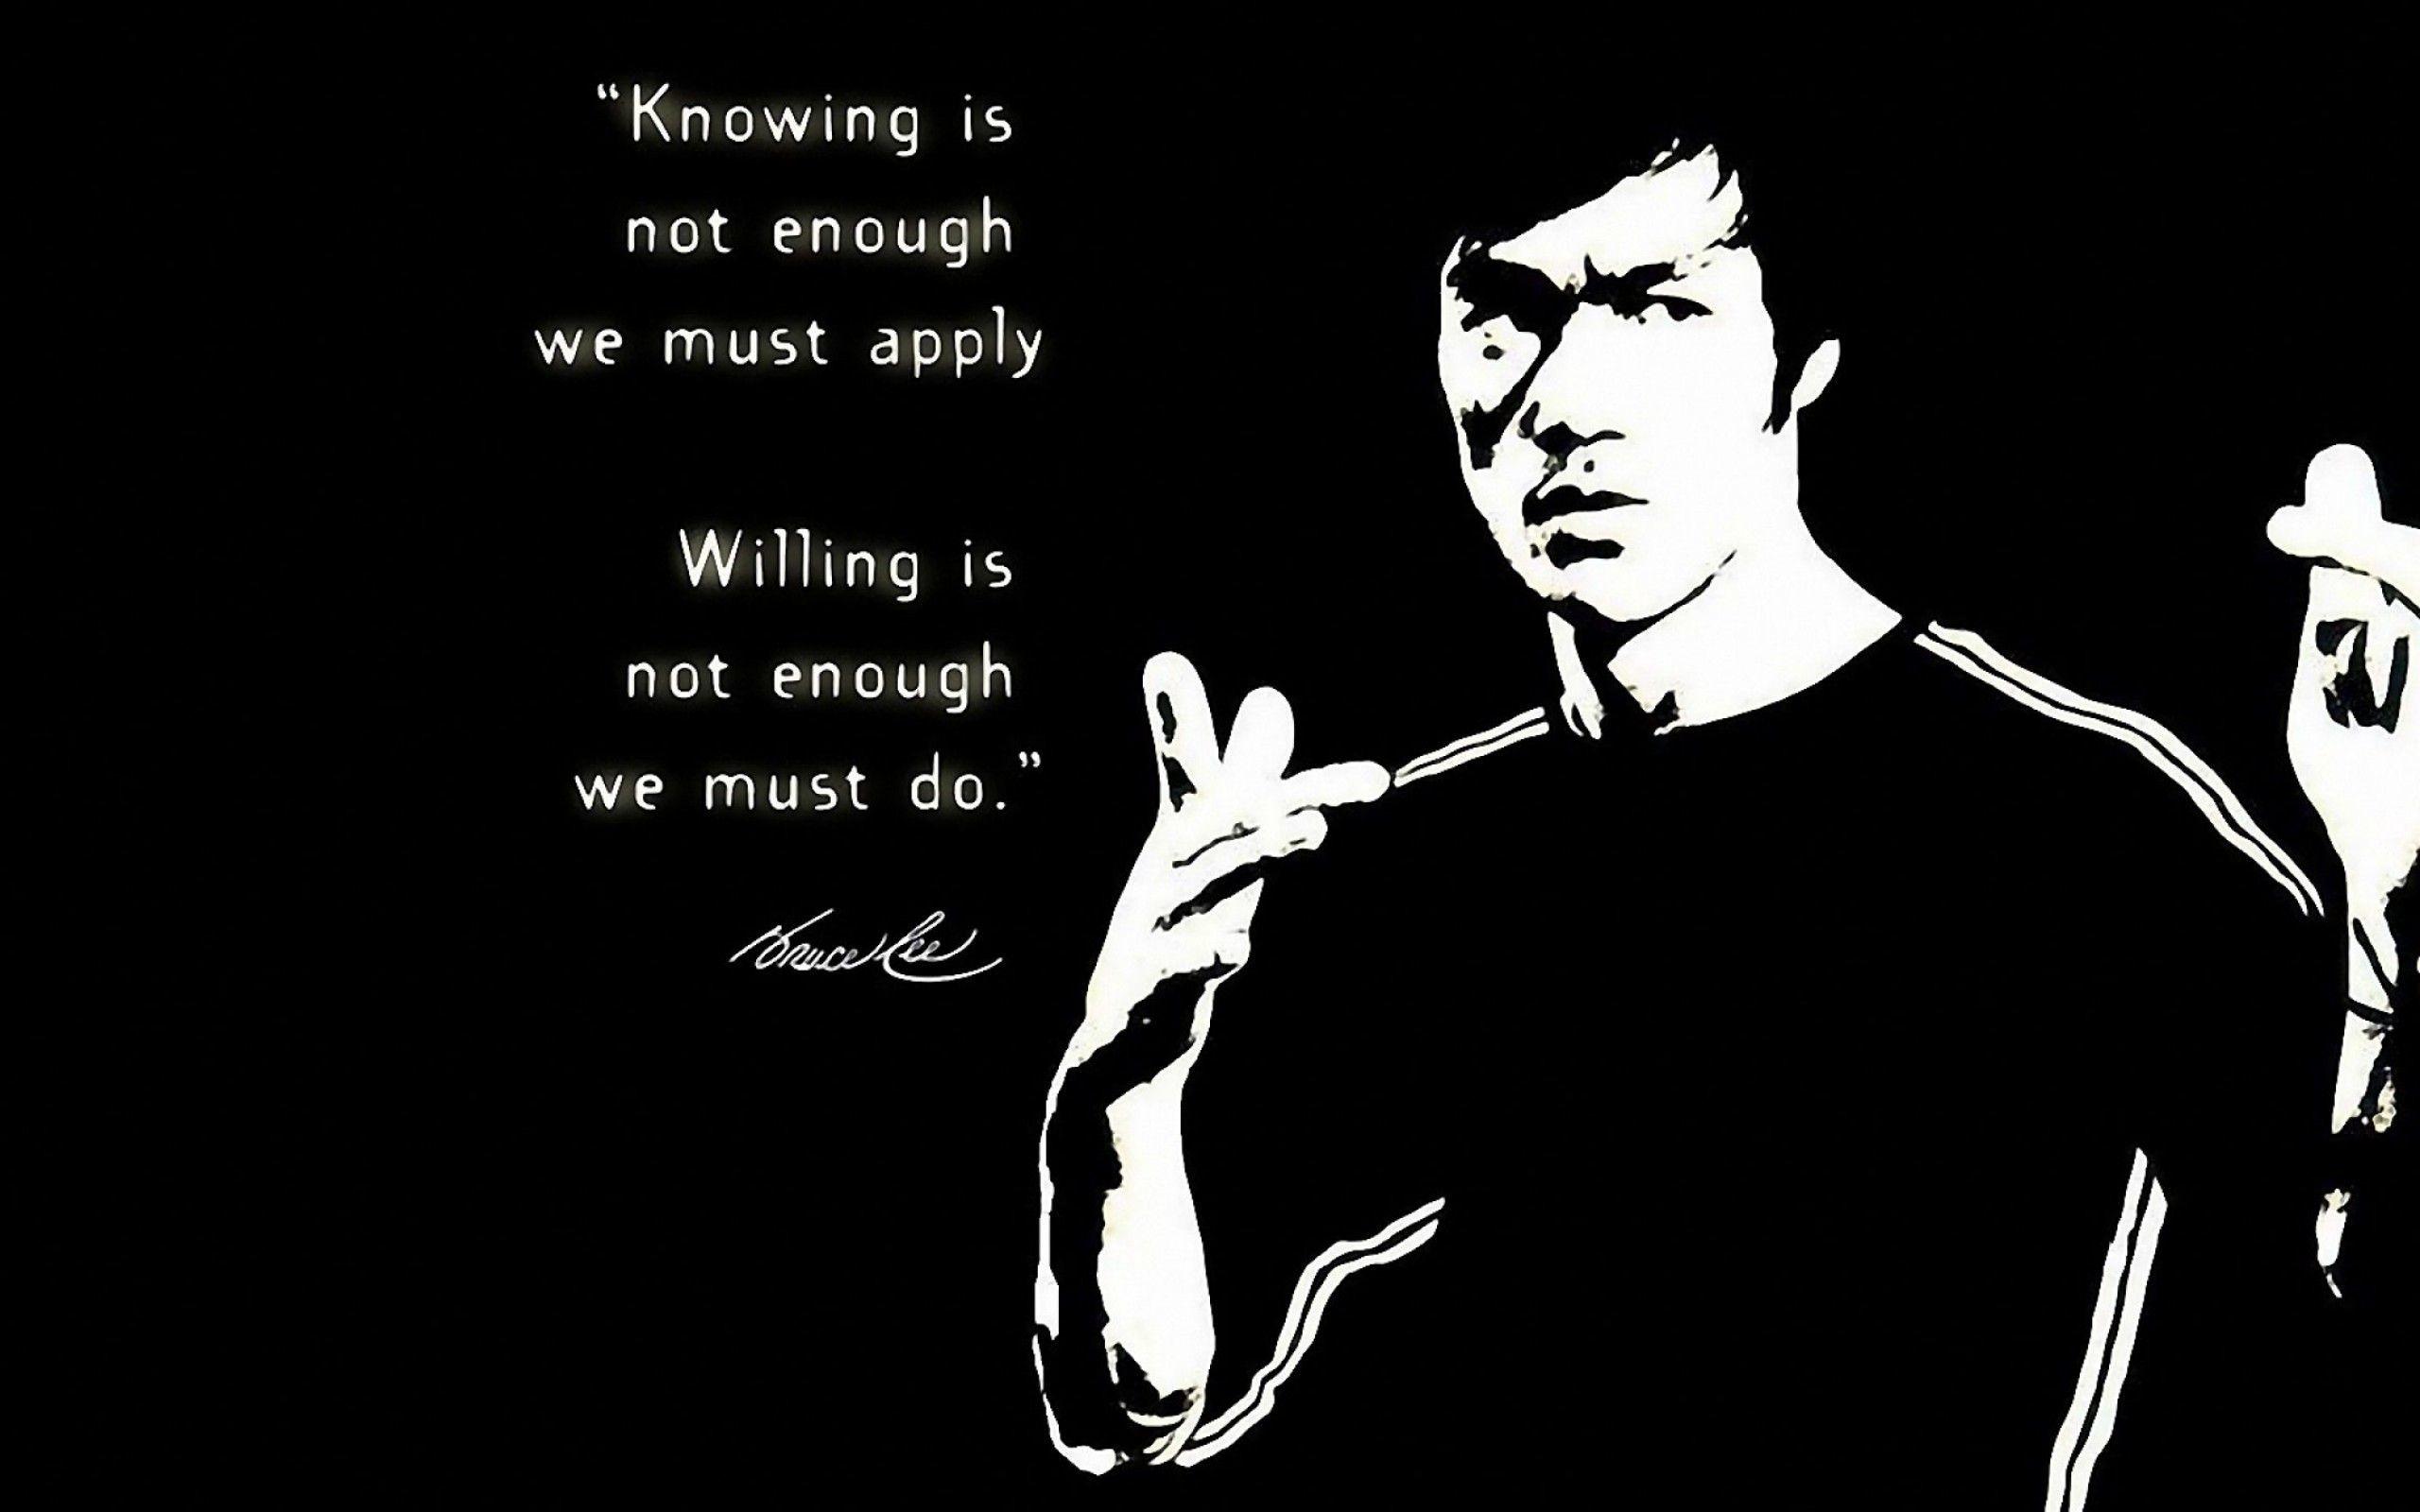 Bruce Lee Quotes Wallpaper HD #2802 Desktop Computer,Gadget And ..